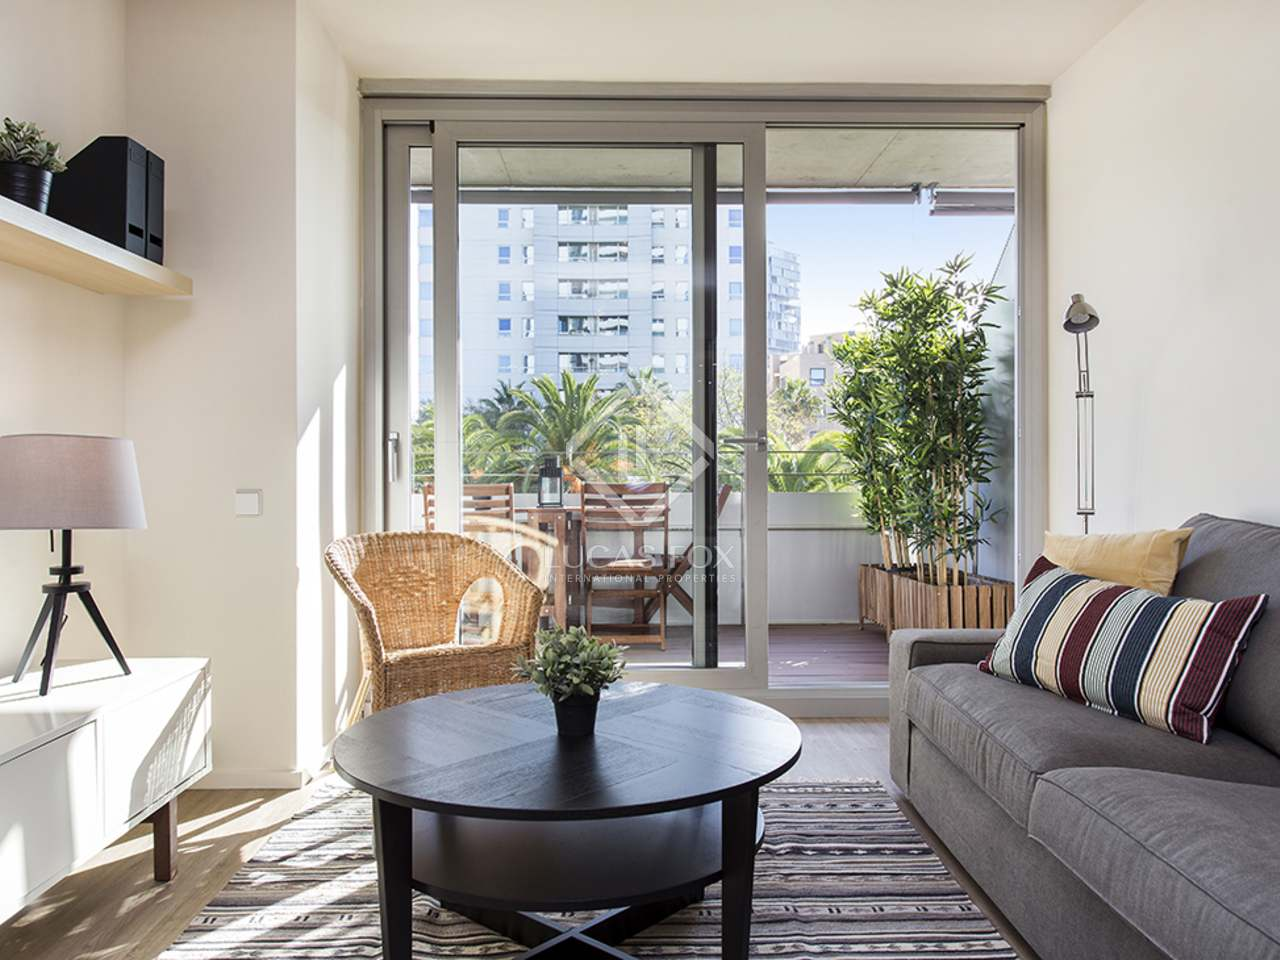 Appartement de 78m a vendre diagonal mar avec 15m terrasse - Appartements a vendre a barcelone ...